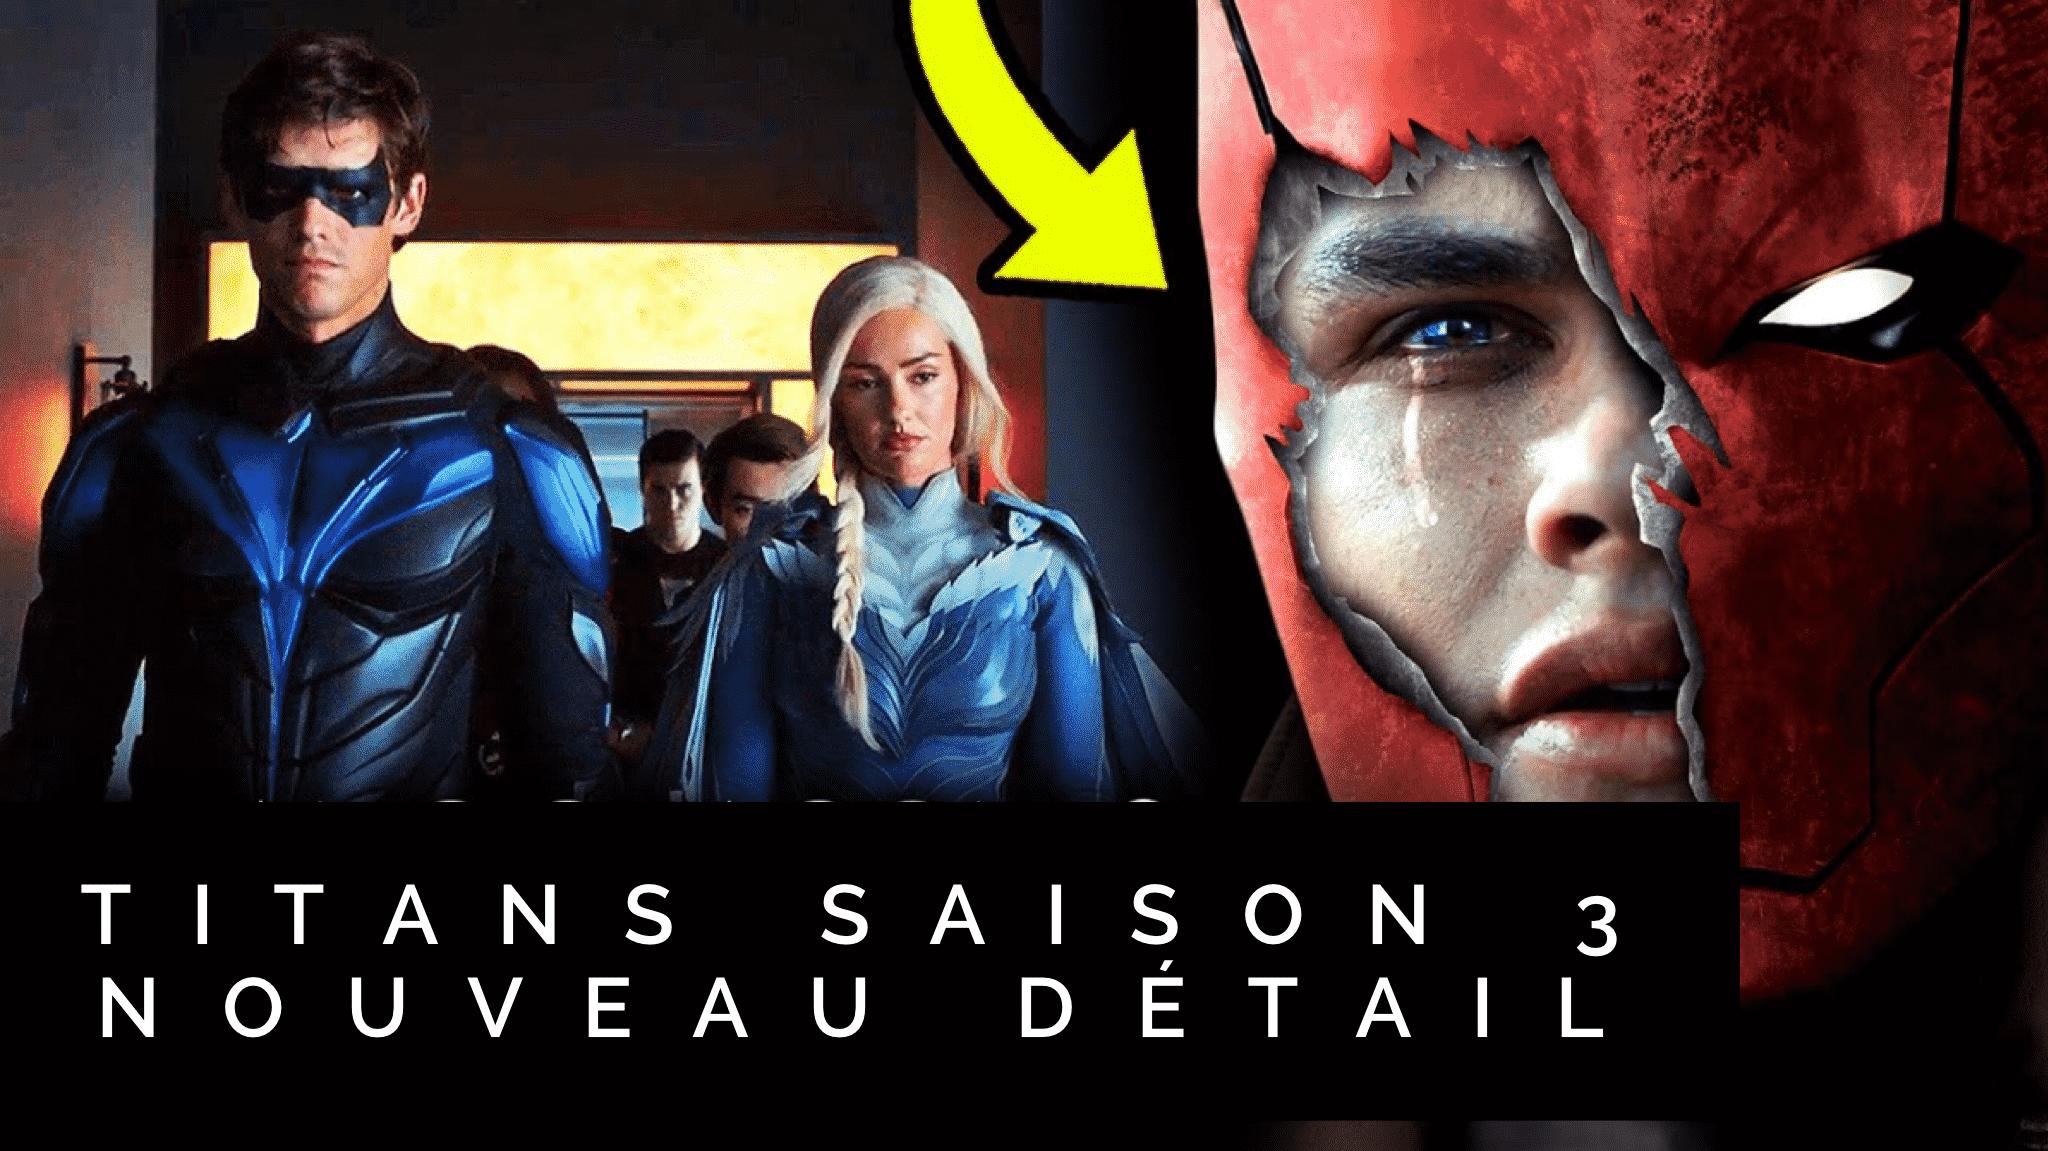 La saison 3 des Titans est annoncée, HBO Max diffusera le populaire DC Universe Show 3